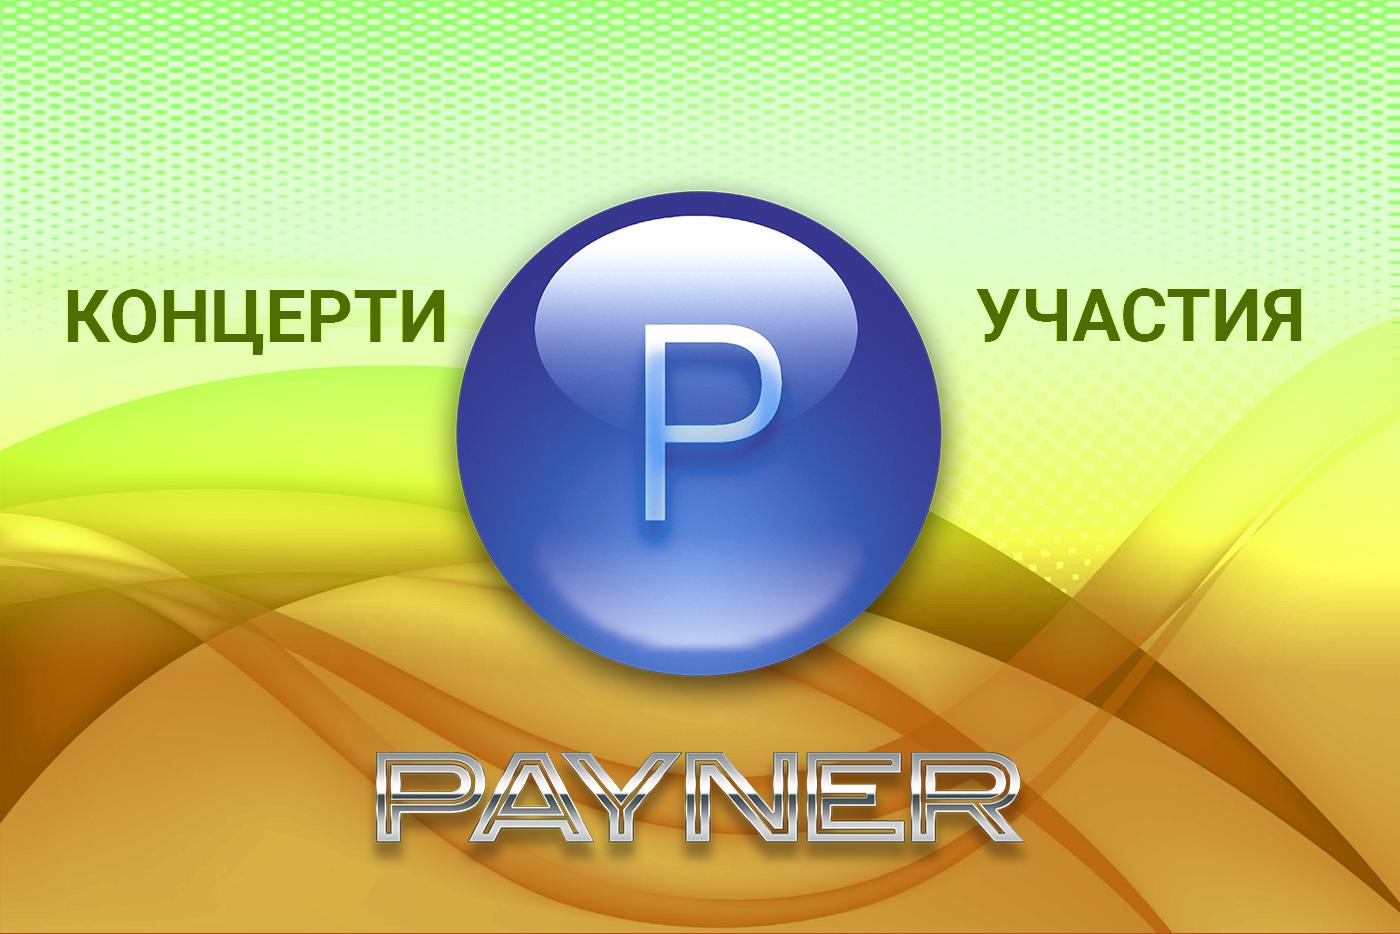 """Участия на звездите на """"Пайнер"""" на 24.03.2019"""